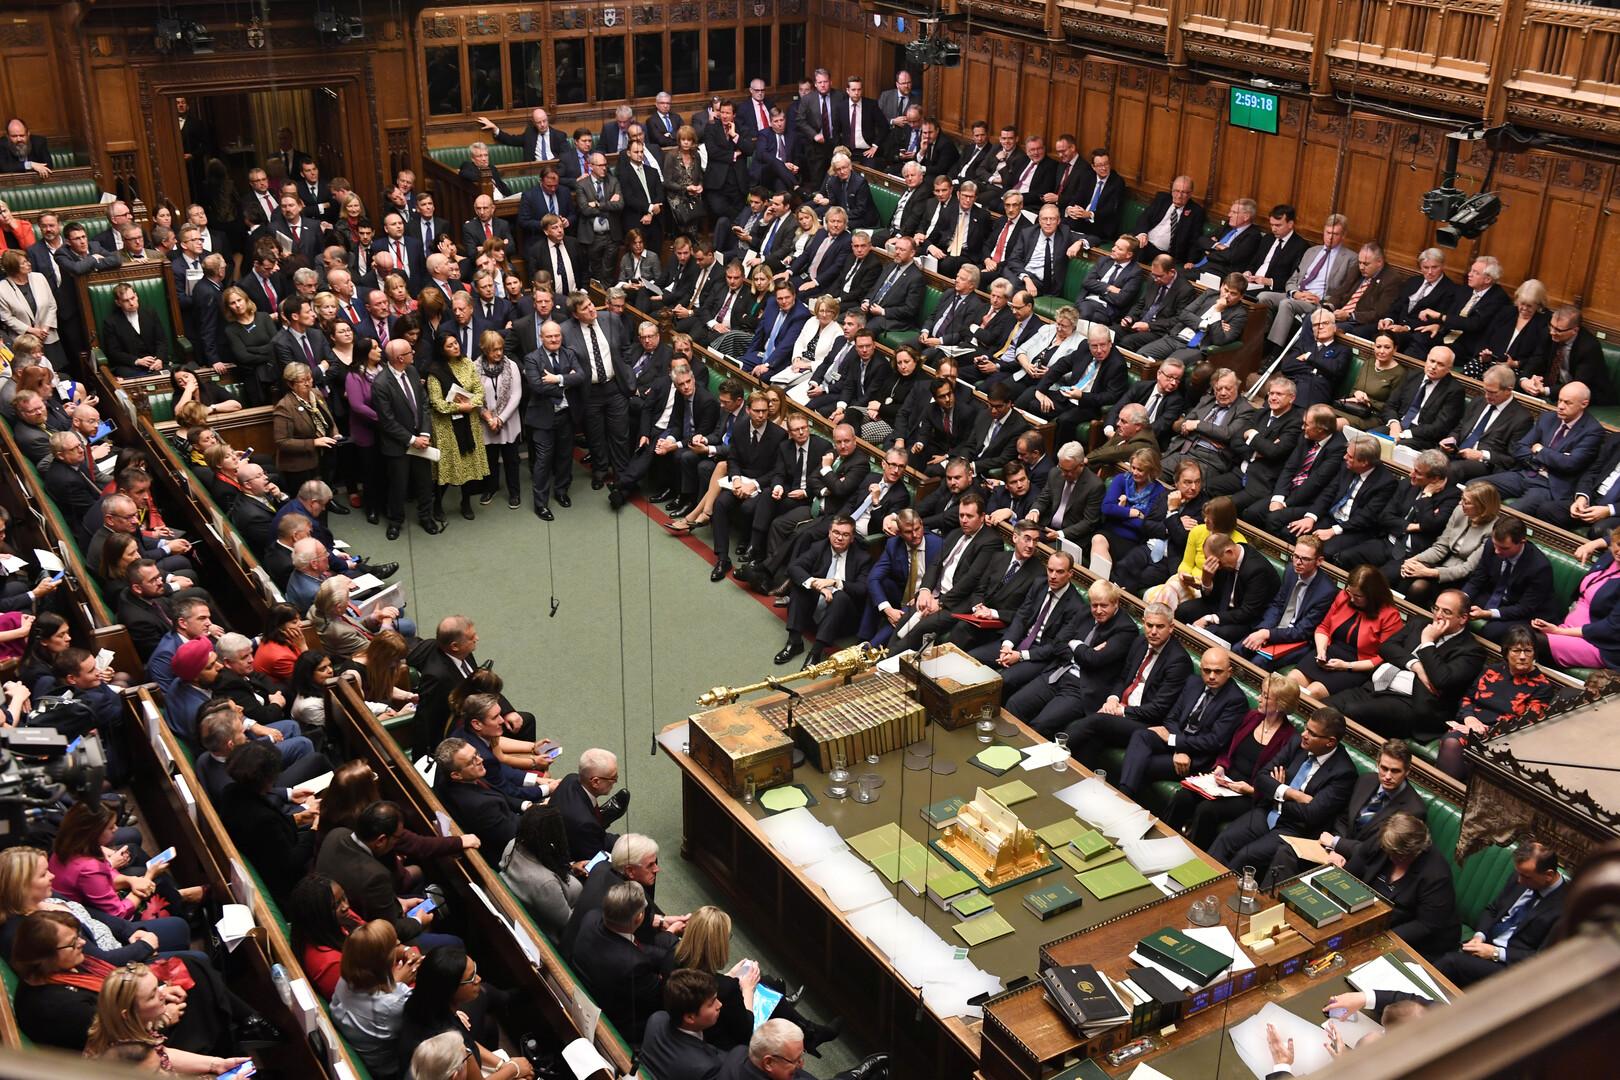 رئيس مجلس العموم البريطاني يرفض التصويت مرة جديدة على اتفاق